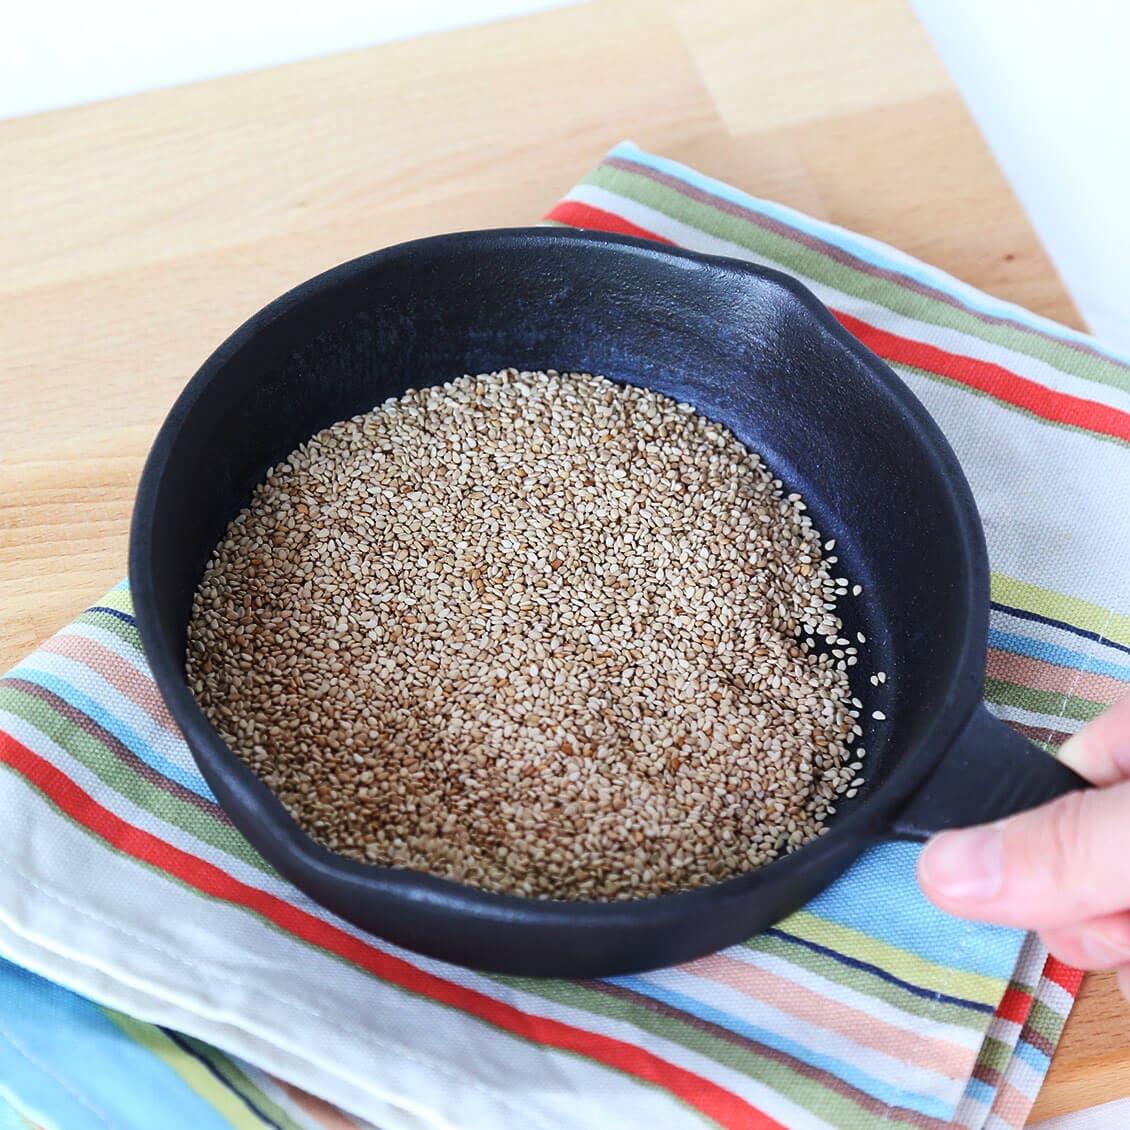 喜界島のごまは、フライパンで煎ると風味が増します